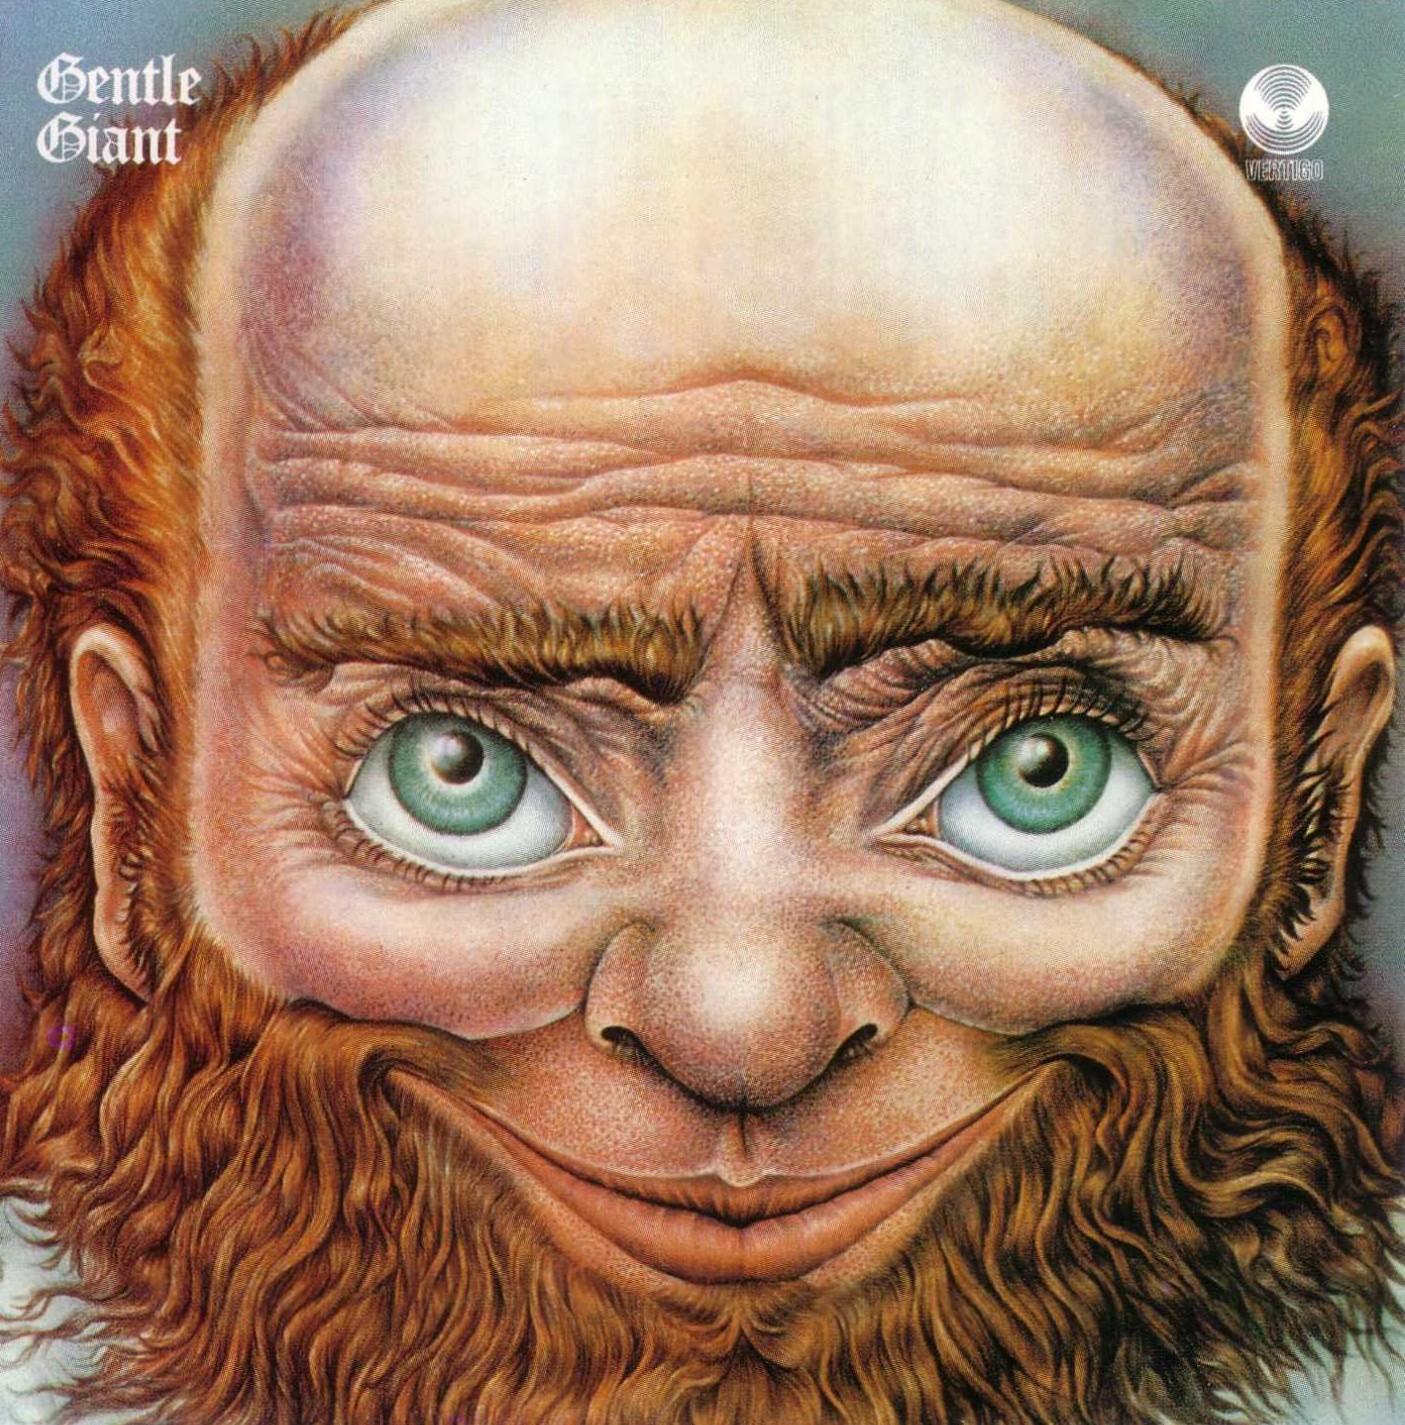 Gentle 1970